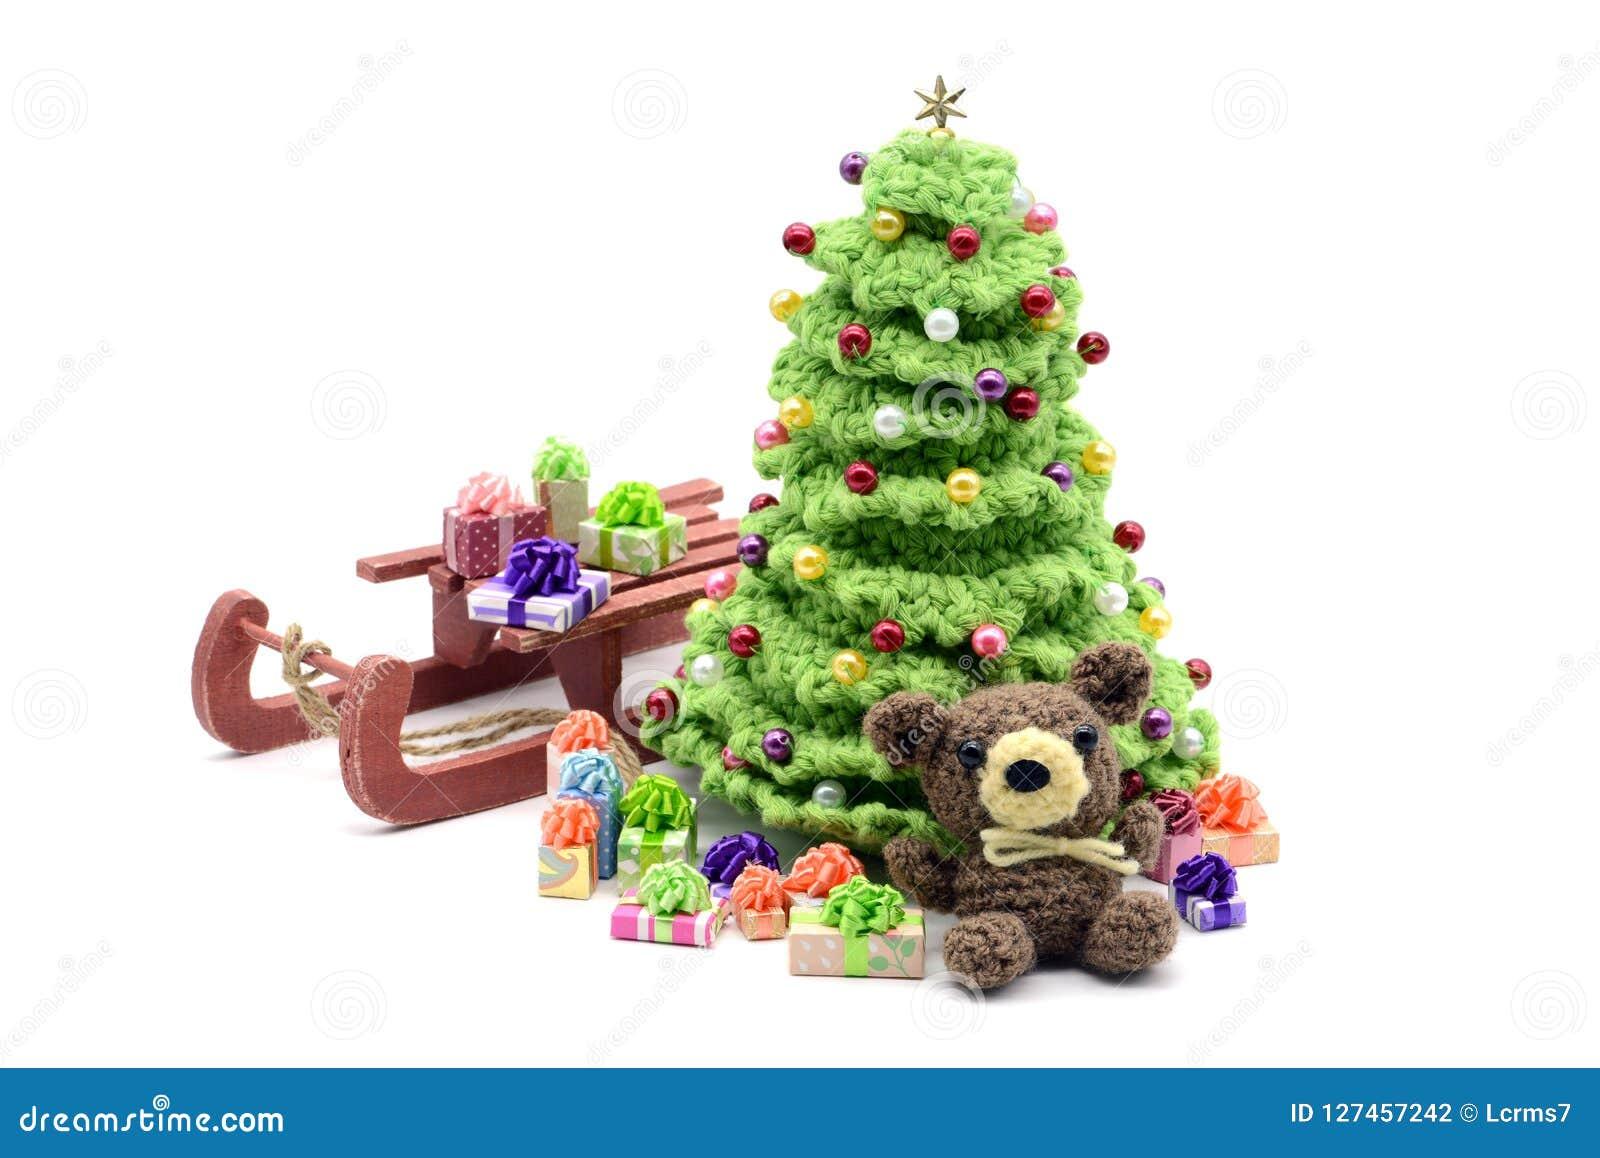 Regali Di Natale Alluncinetto.Lavori All Uncinetto L Albero Di Natale E L Orsacchiotto Con I